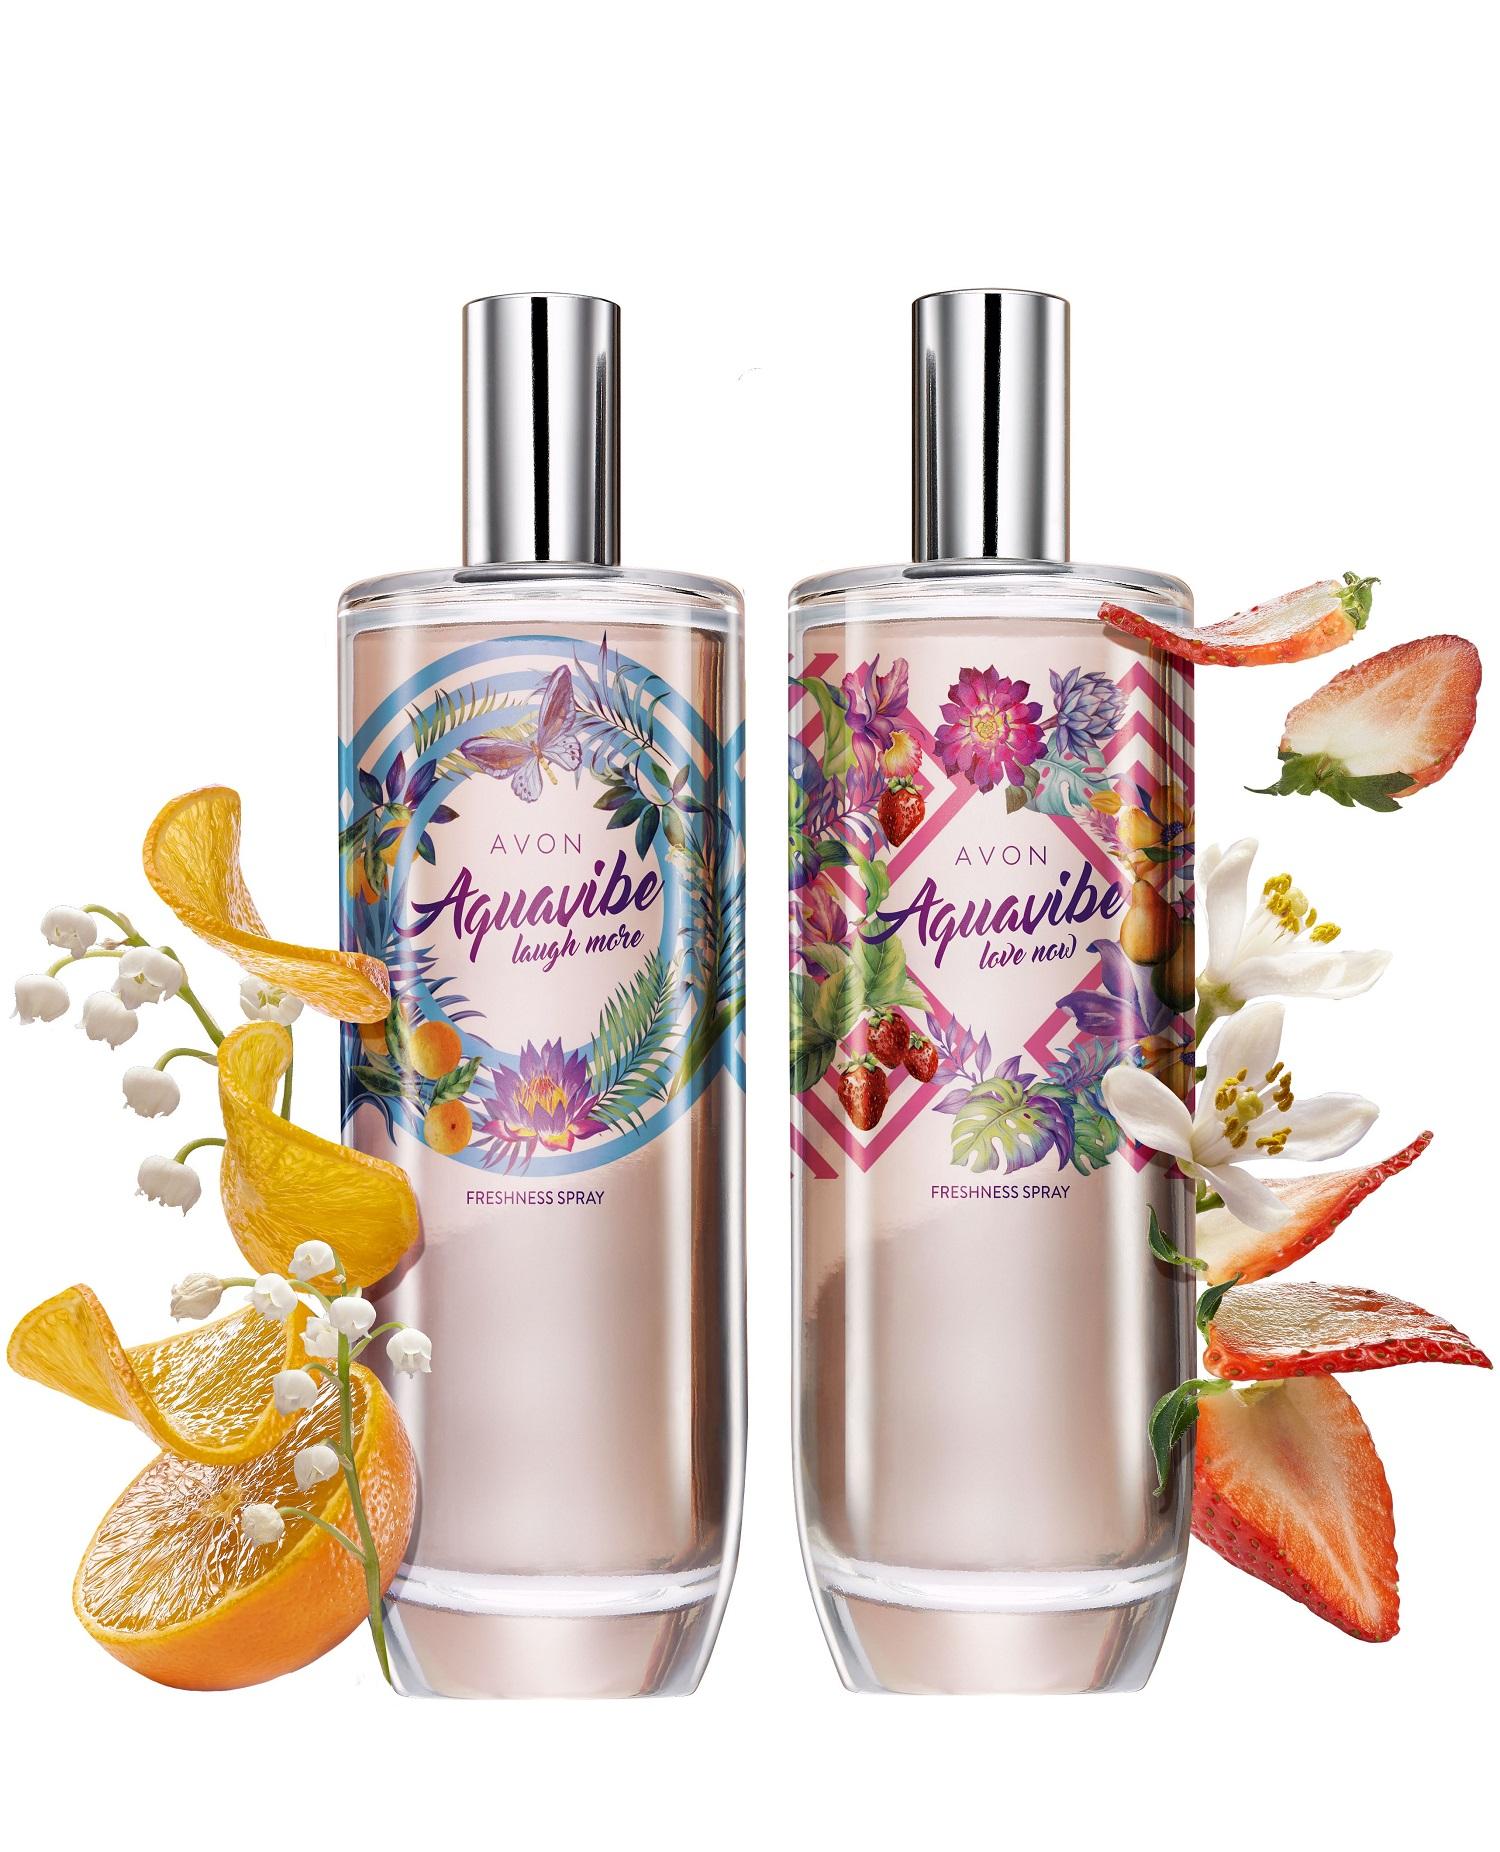 AVON_Aquavibe_freshness_spray